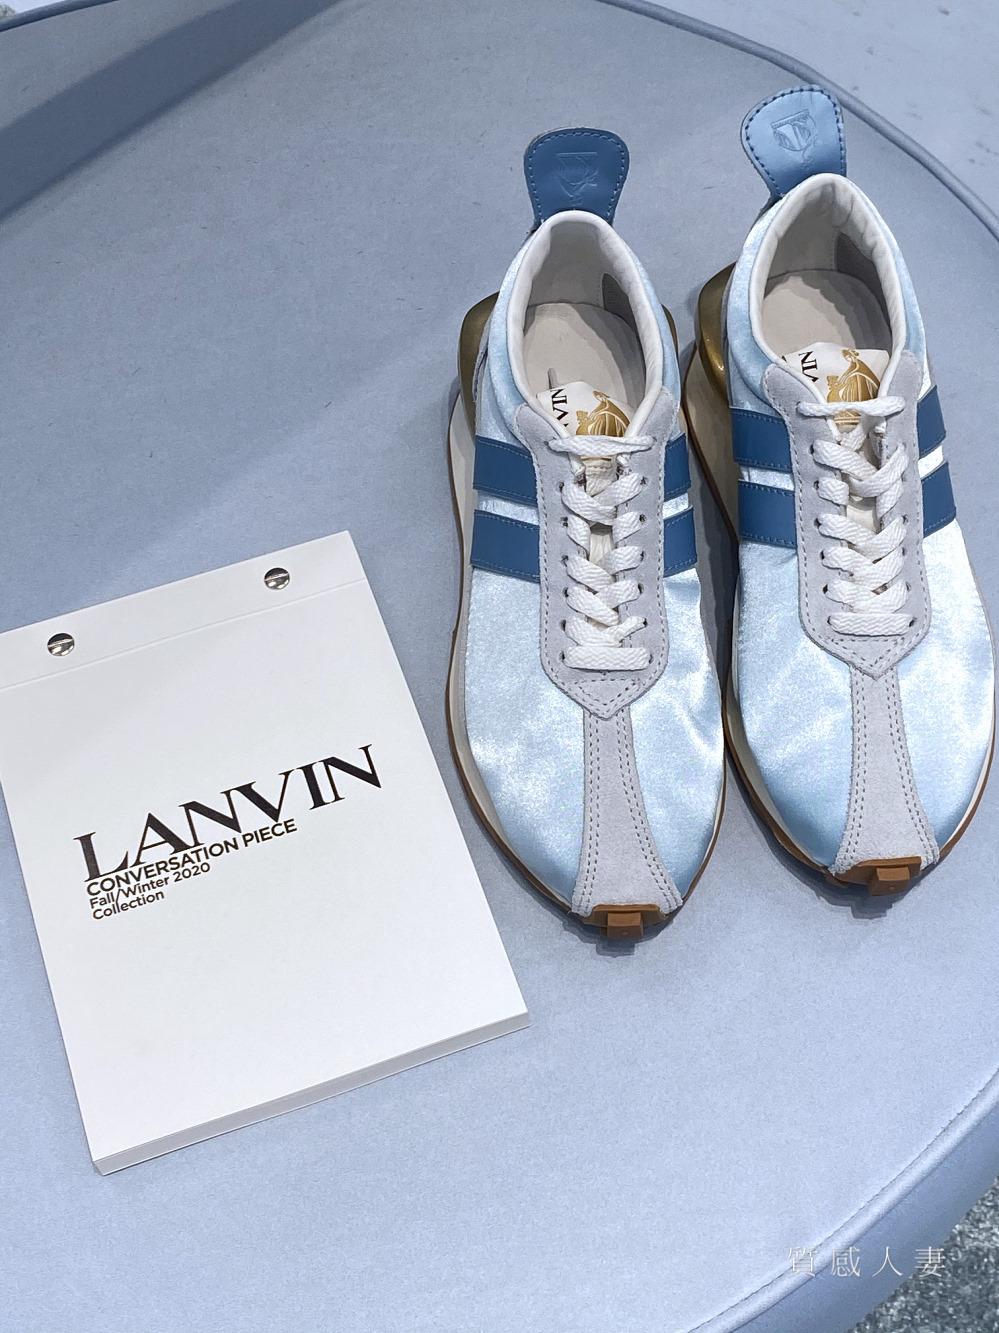 【百貨專櫃】沒想到這麼多明星網紅來呢,為了法國百年品牌LANVIN浪凡在台北信義新天地A9館的快閃店